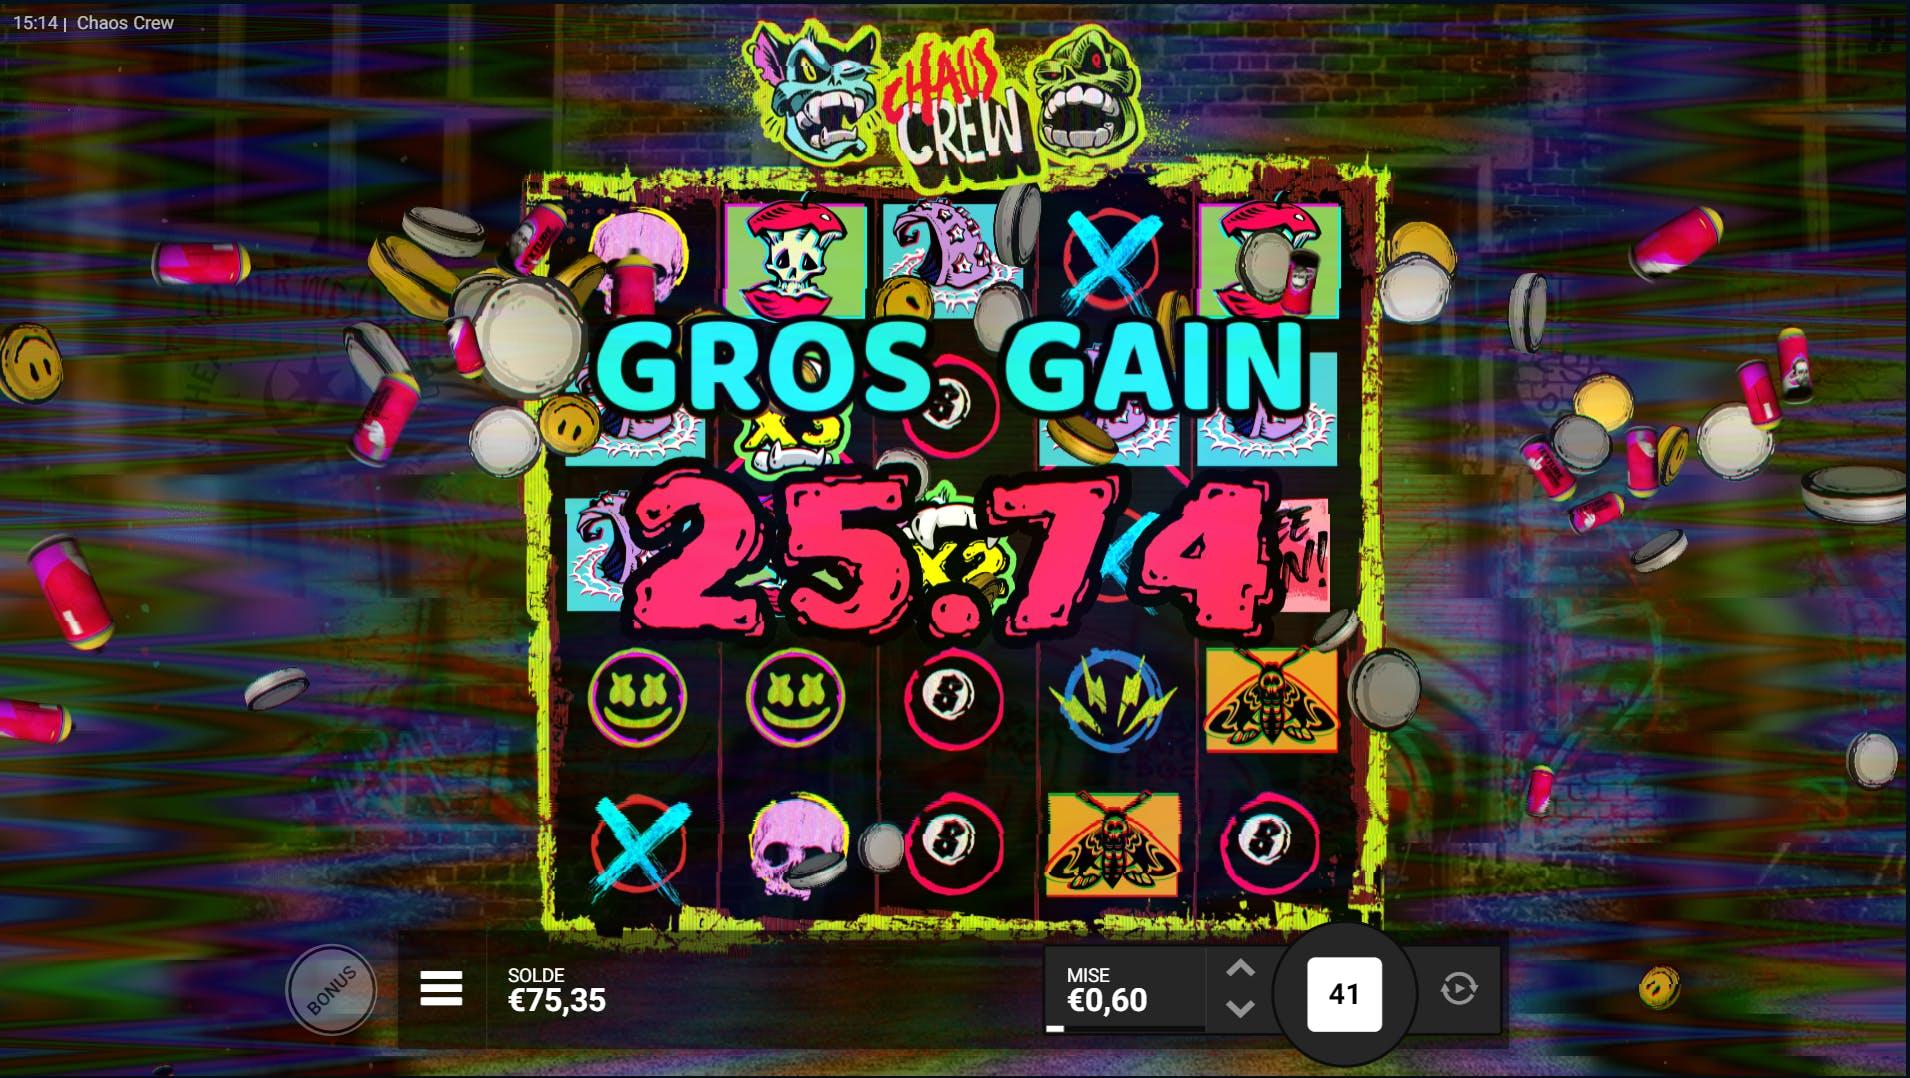 Big Win Chaos Crew Kagino